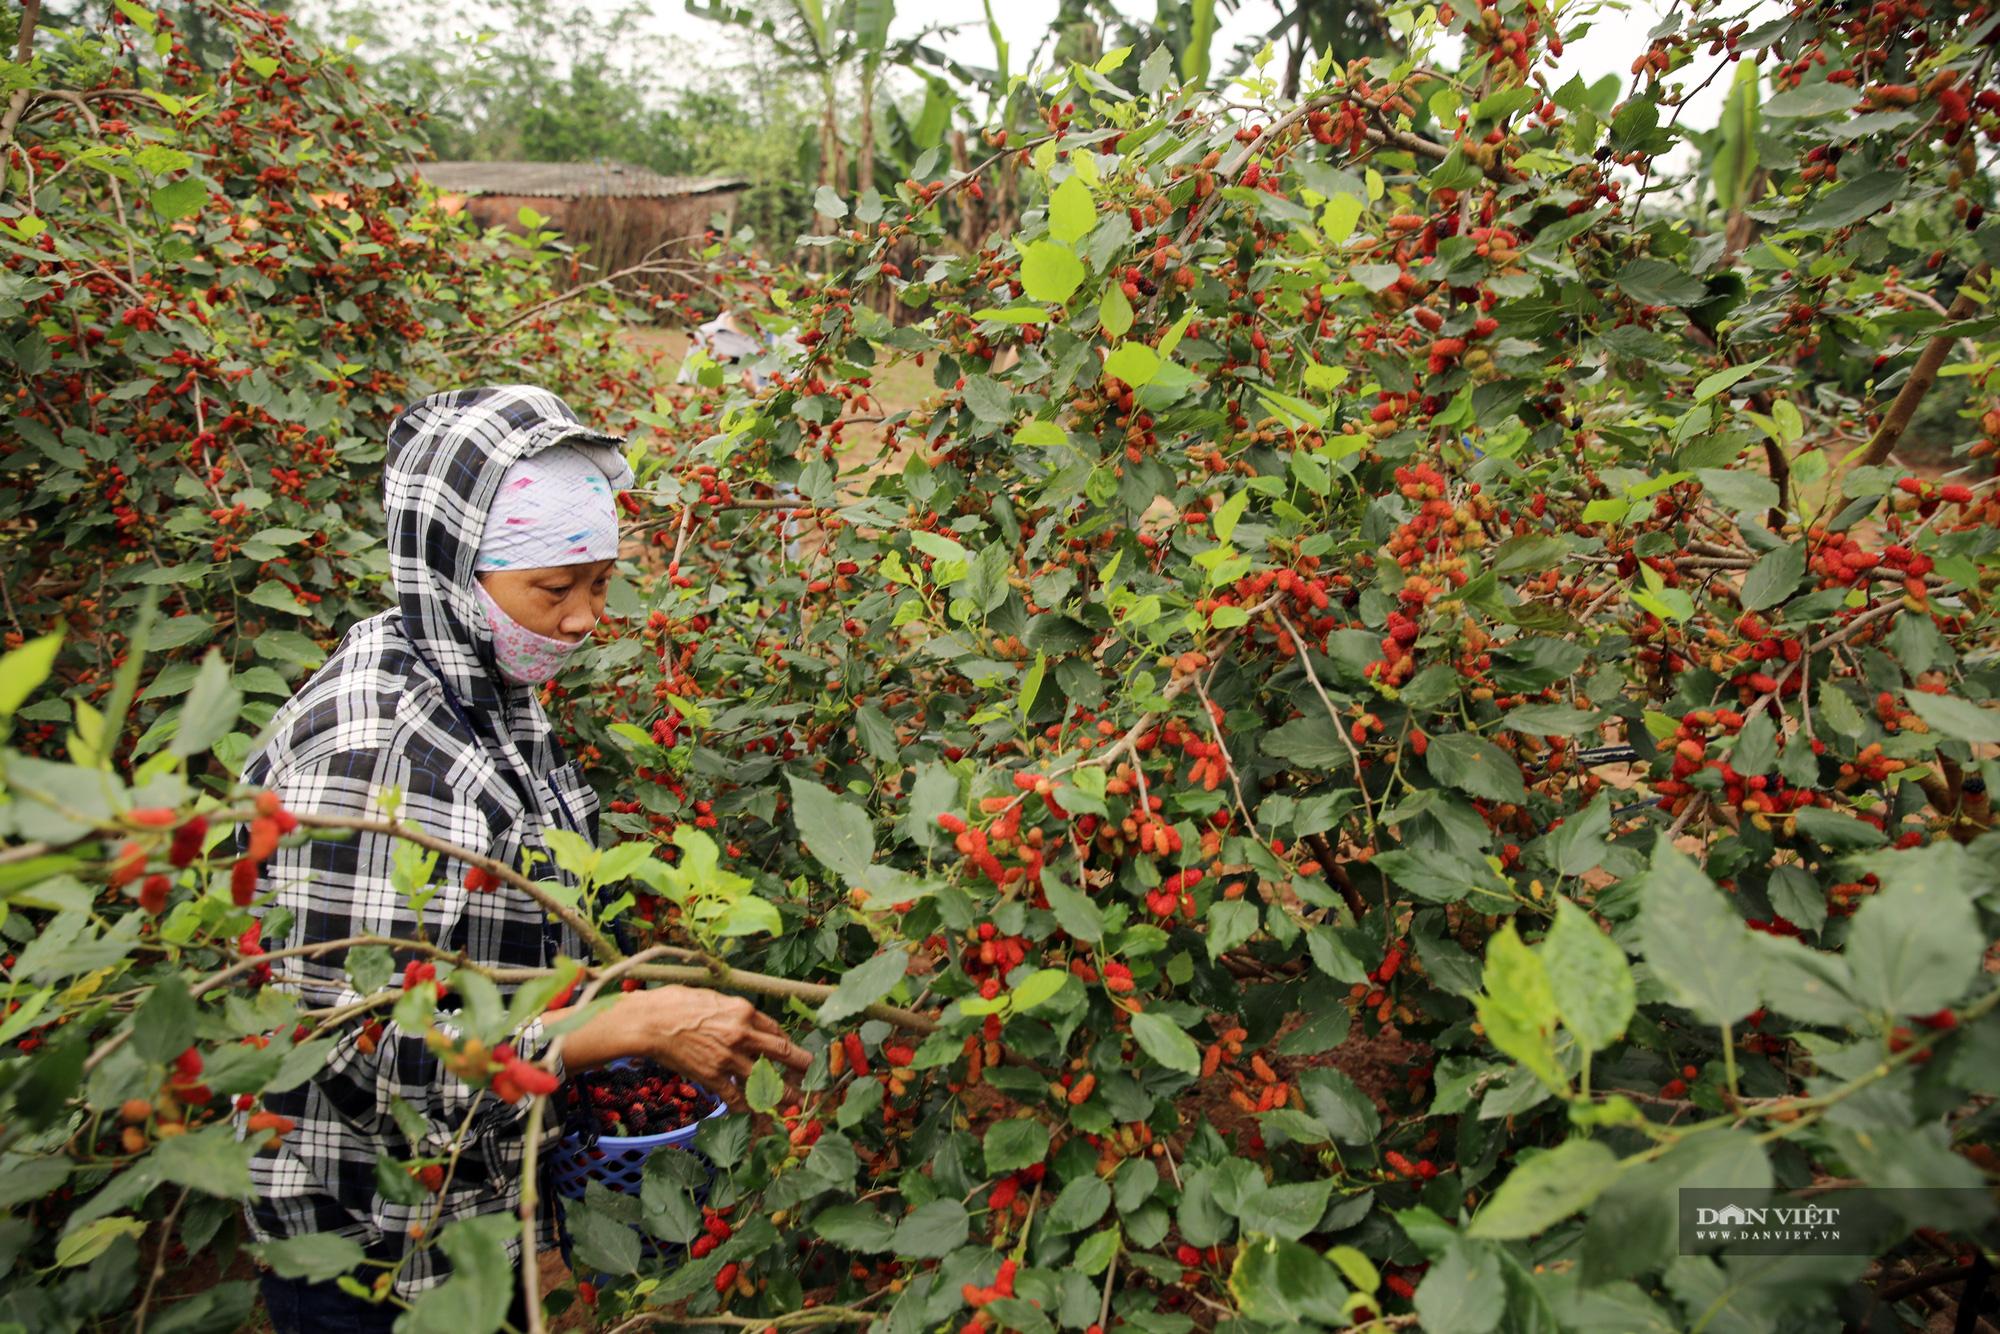 Nhộn nhịp mùa thu hoạch loại quả dùng để ngâm đường, lá cho tằm ăn ở Hà Nội - Ảnh 4.